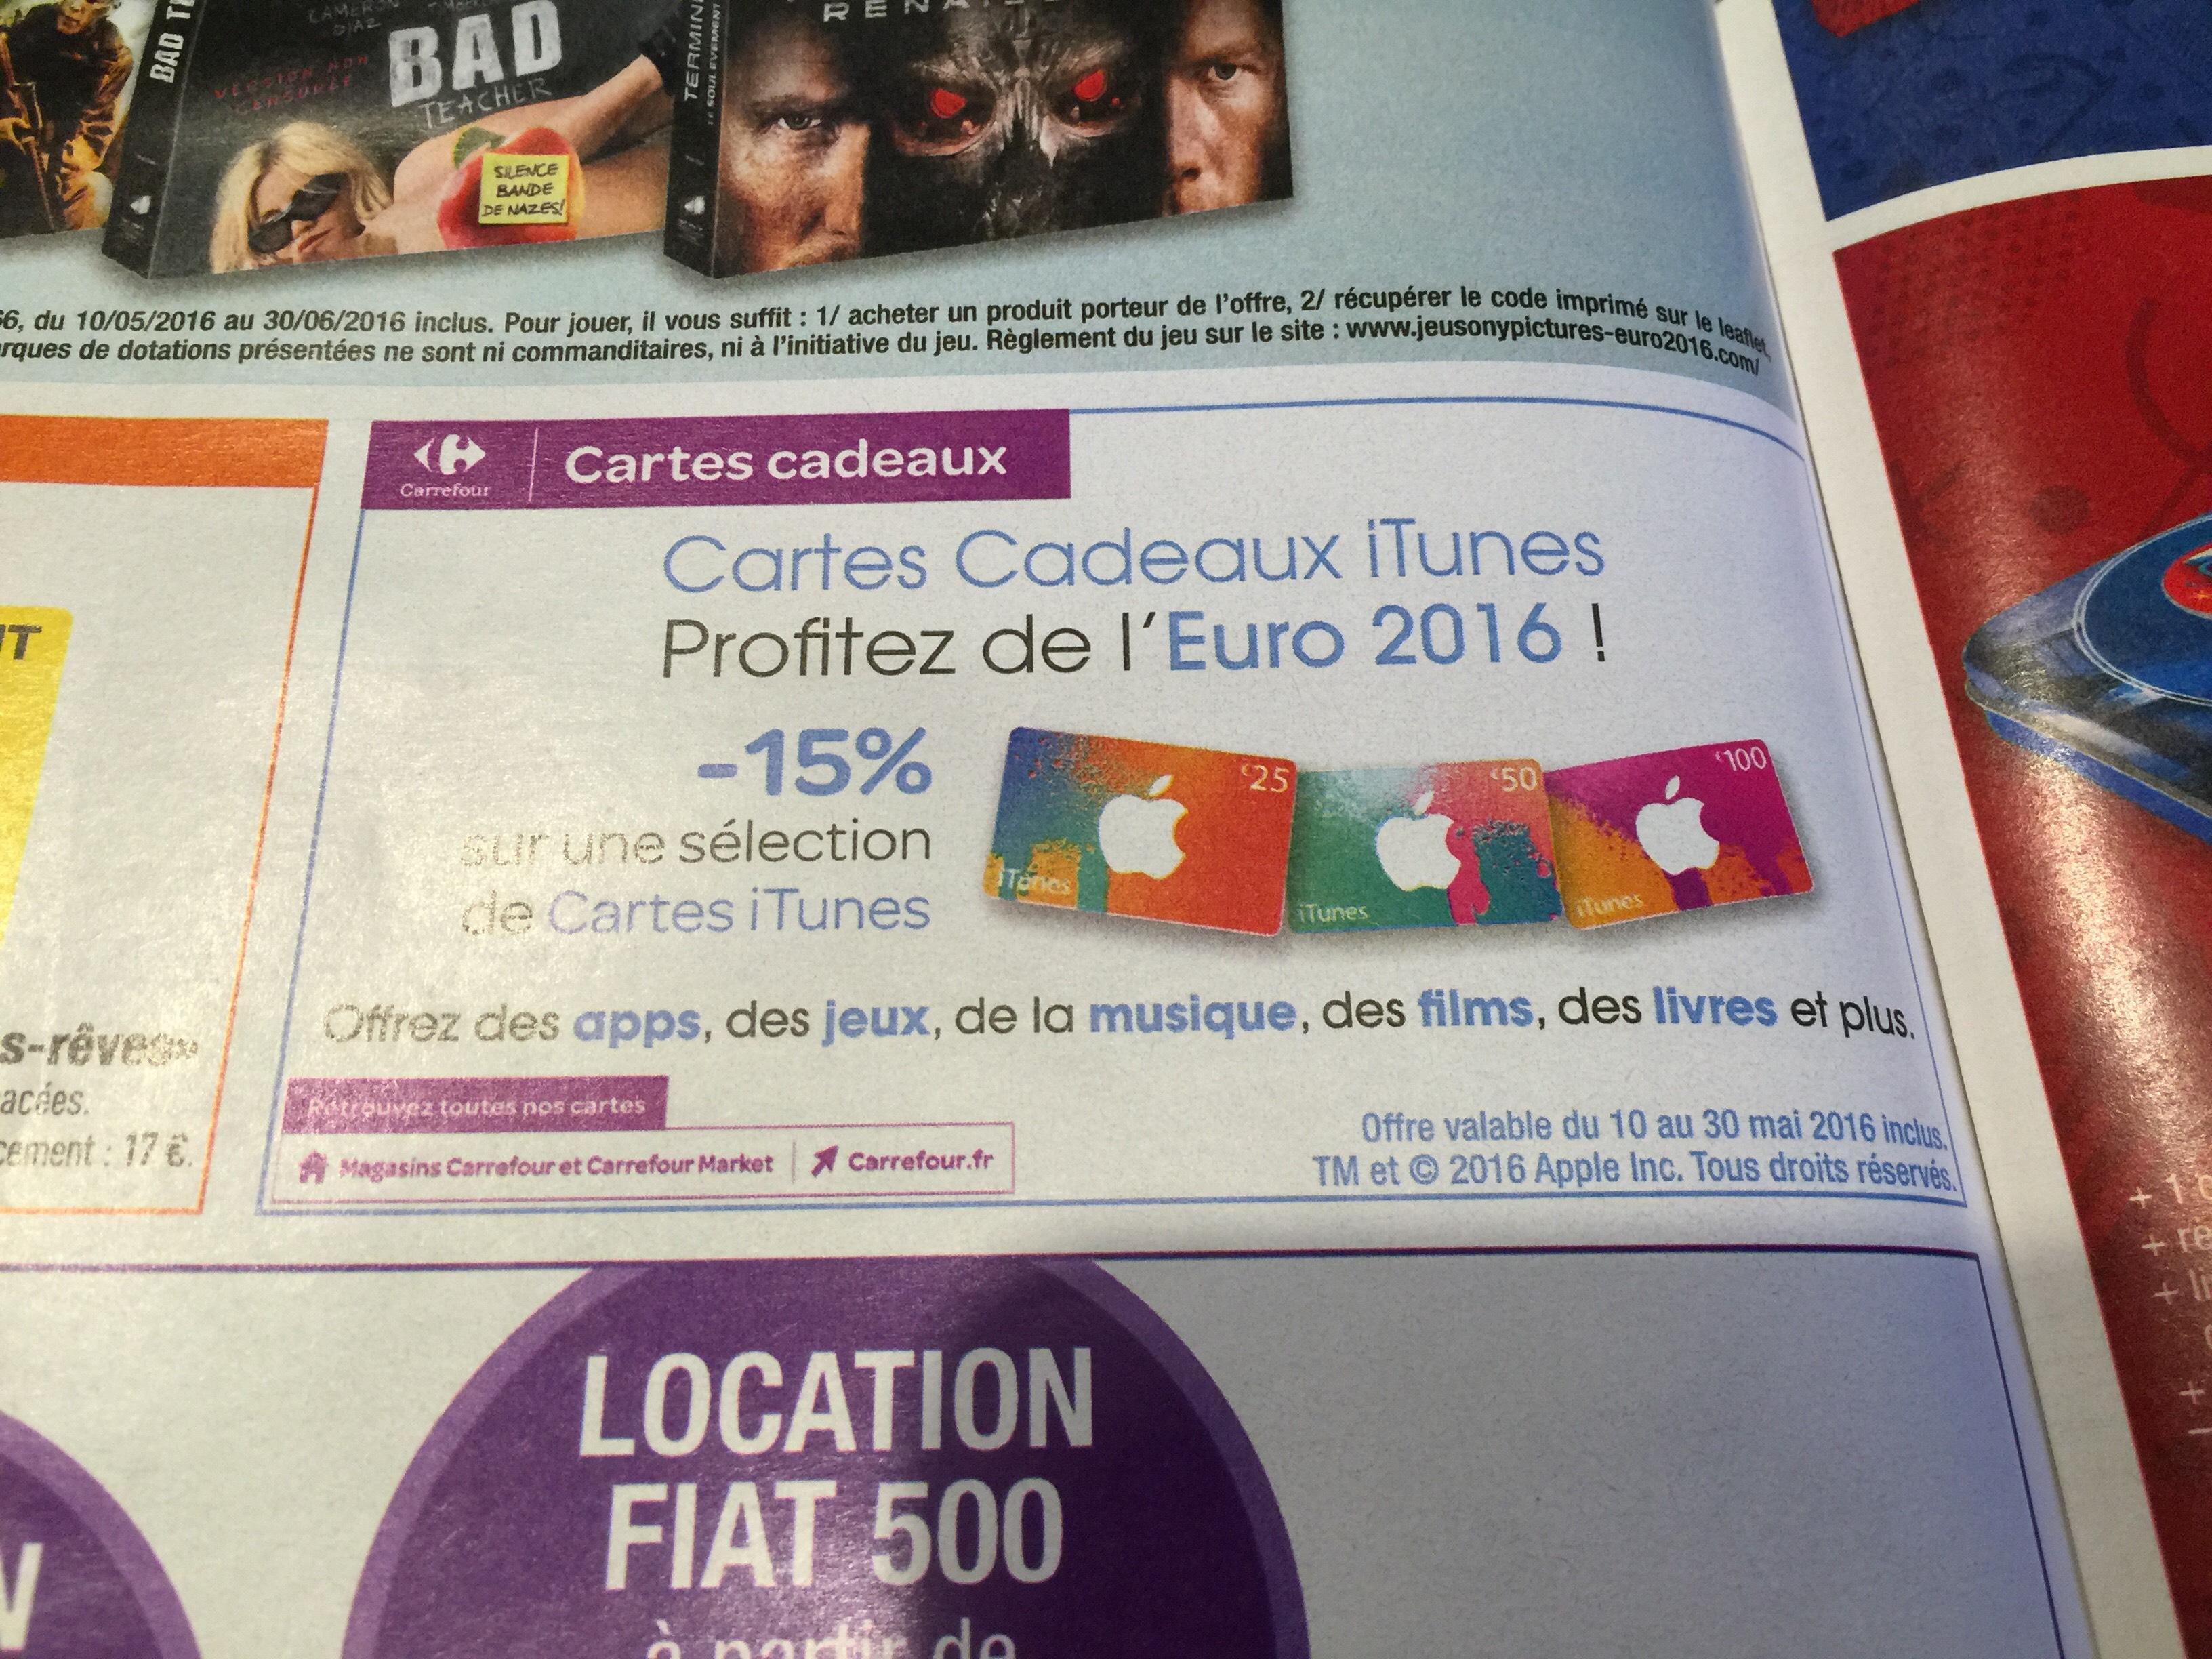 15% de réduction sur toutes les cartes iTunes - Ex : Carte cadeau iTunes d'une valeur de 50€